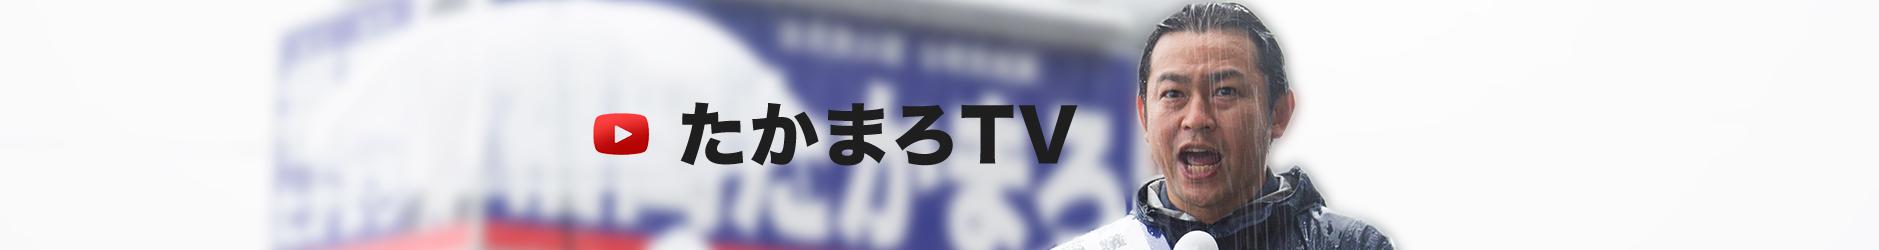 takamaroTV